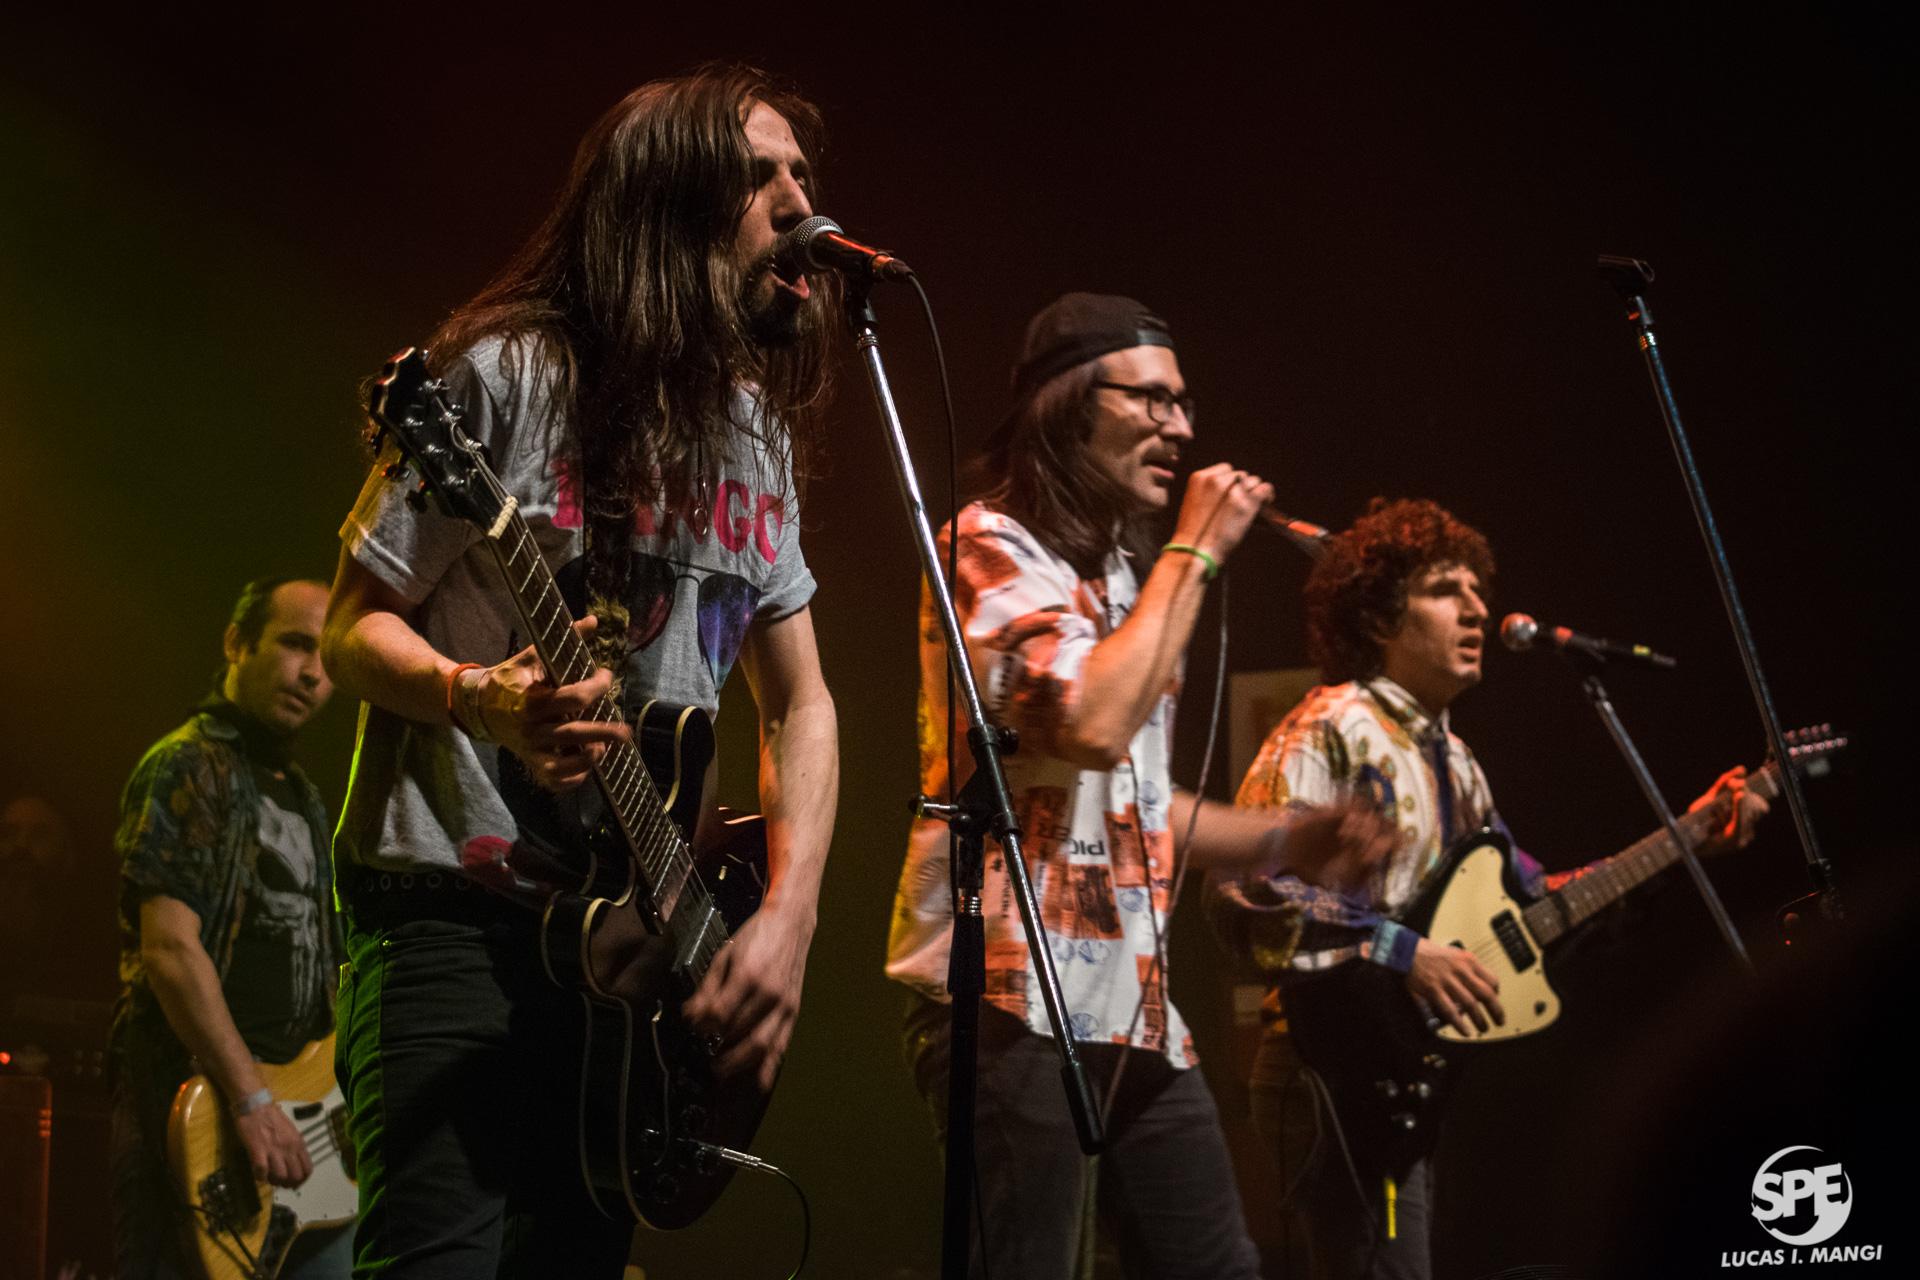 """La banda """"Los Oxford"""" fue invitada en la presentación de la banda uruguaya """"La Vela Puerca"""" en el Teatro Vorterix (Buenos Aires, Argentina) el dia martes 23 de Julio de 2019. 23 de julio de 2019.Foto de Lucas Mangi."""